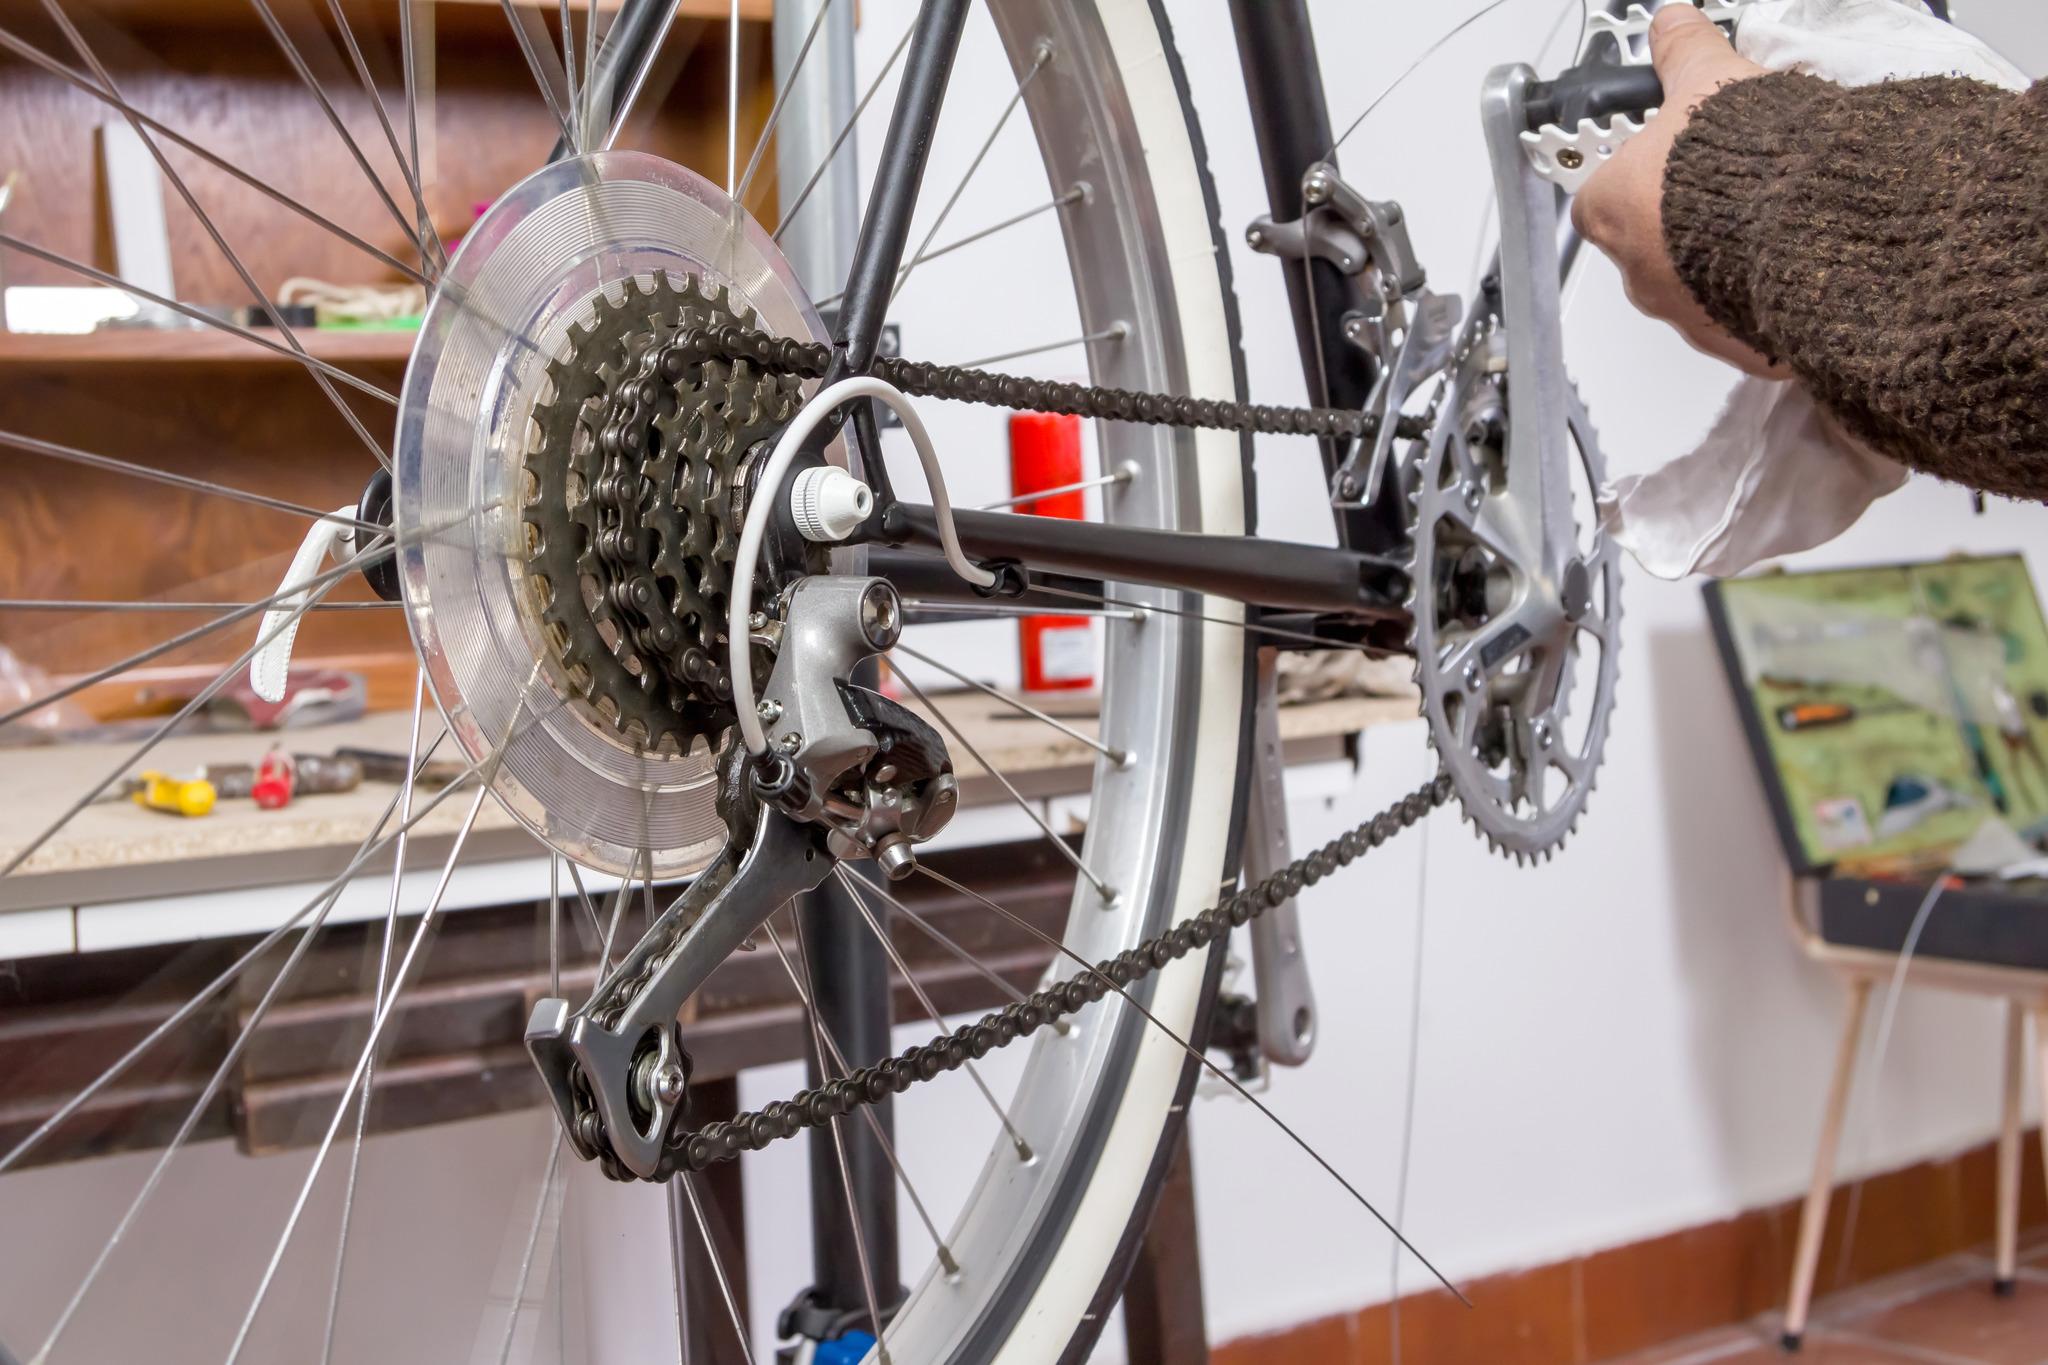 fahrrad reparatur workshop f r frauen linz. Black Bedroom Furniture Sets. Home Design Ideas